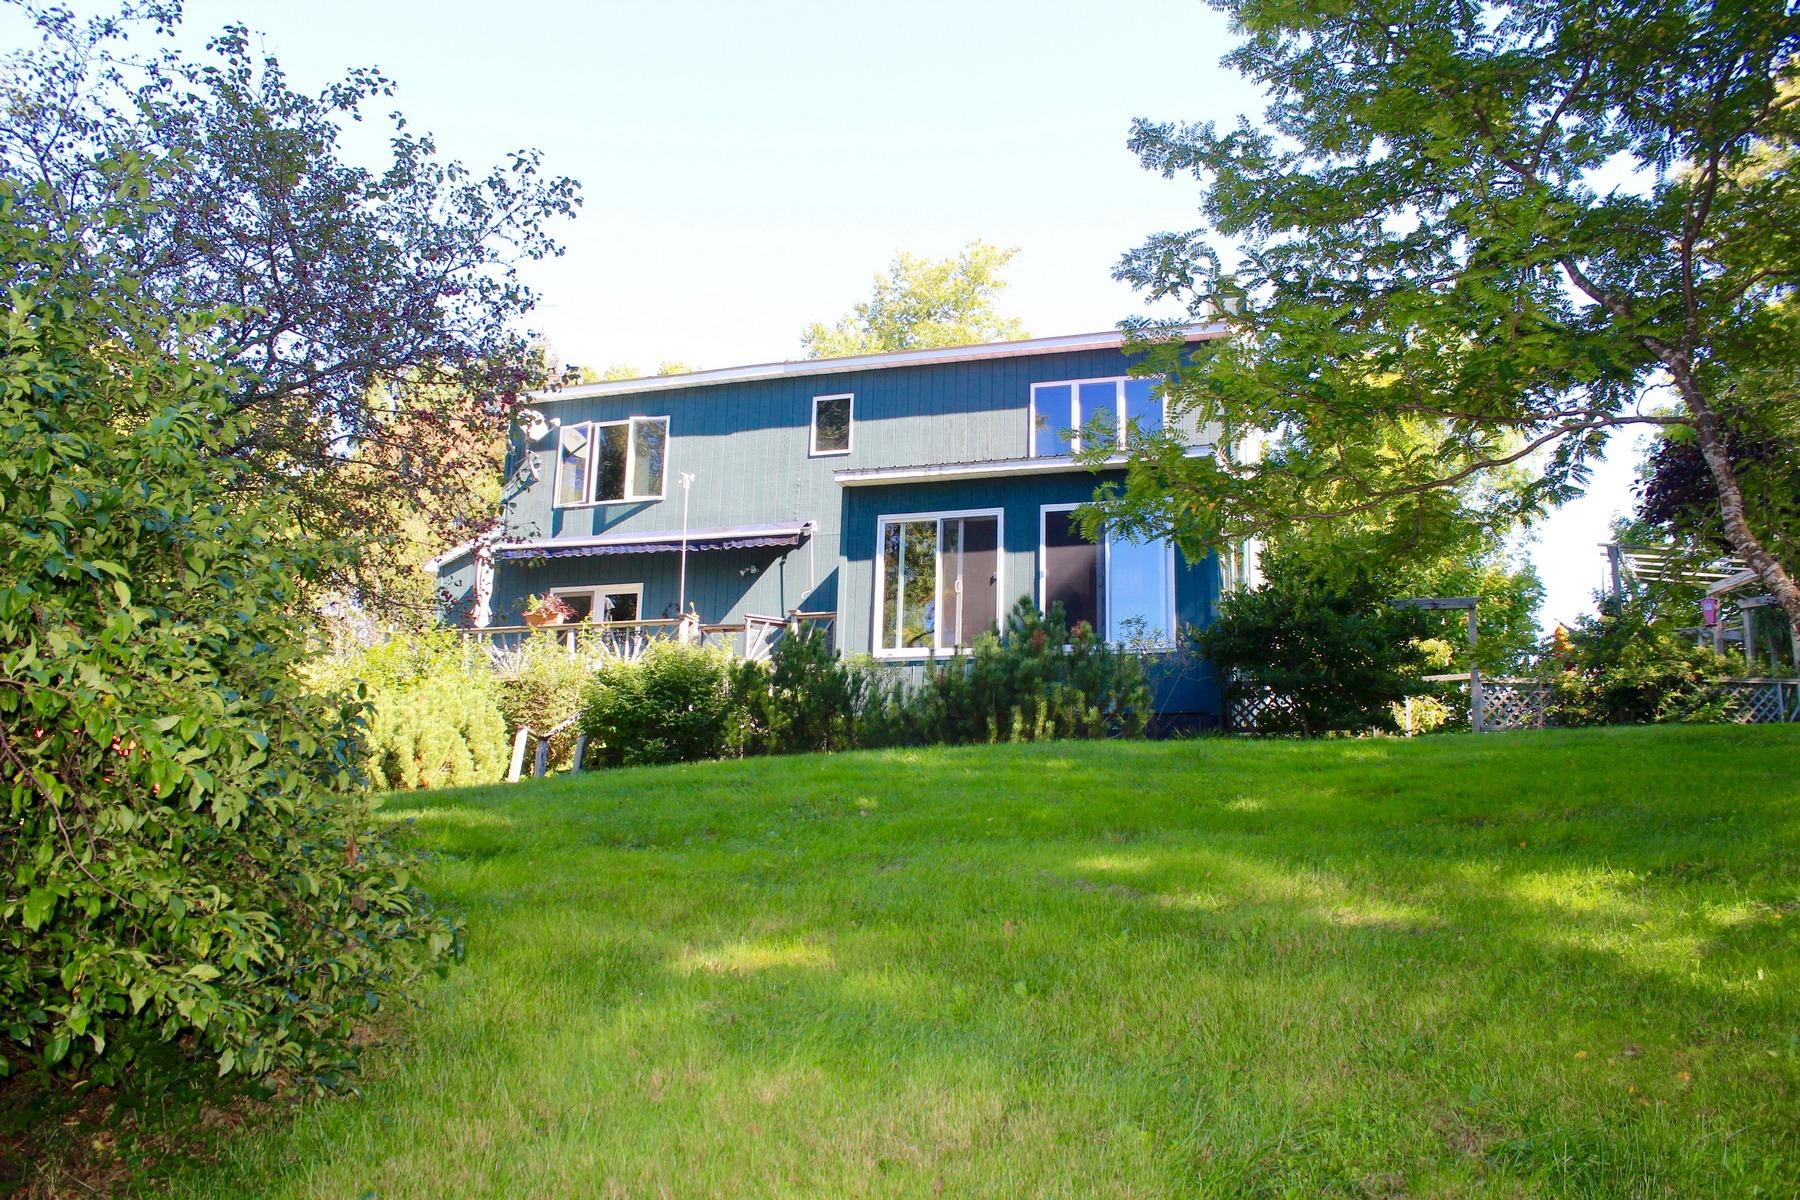 Maison unifamiliale pour l Vente à 3400 Healdville Road, Mount Holly 3400 Healdville Rd Mount Holly, Vermont, 05730 États-Unis